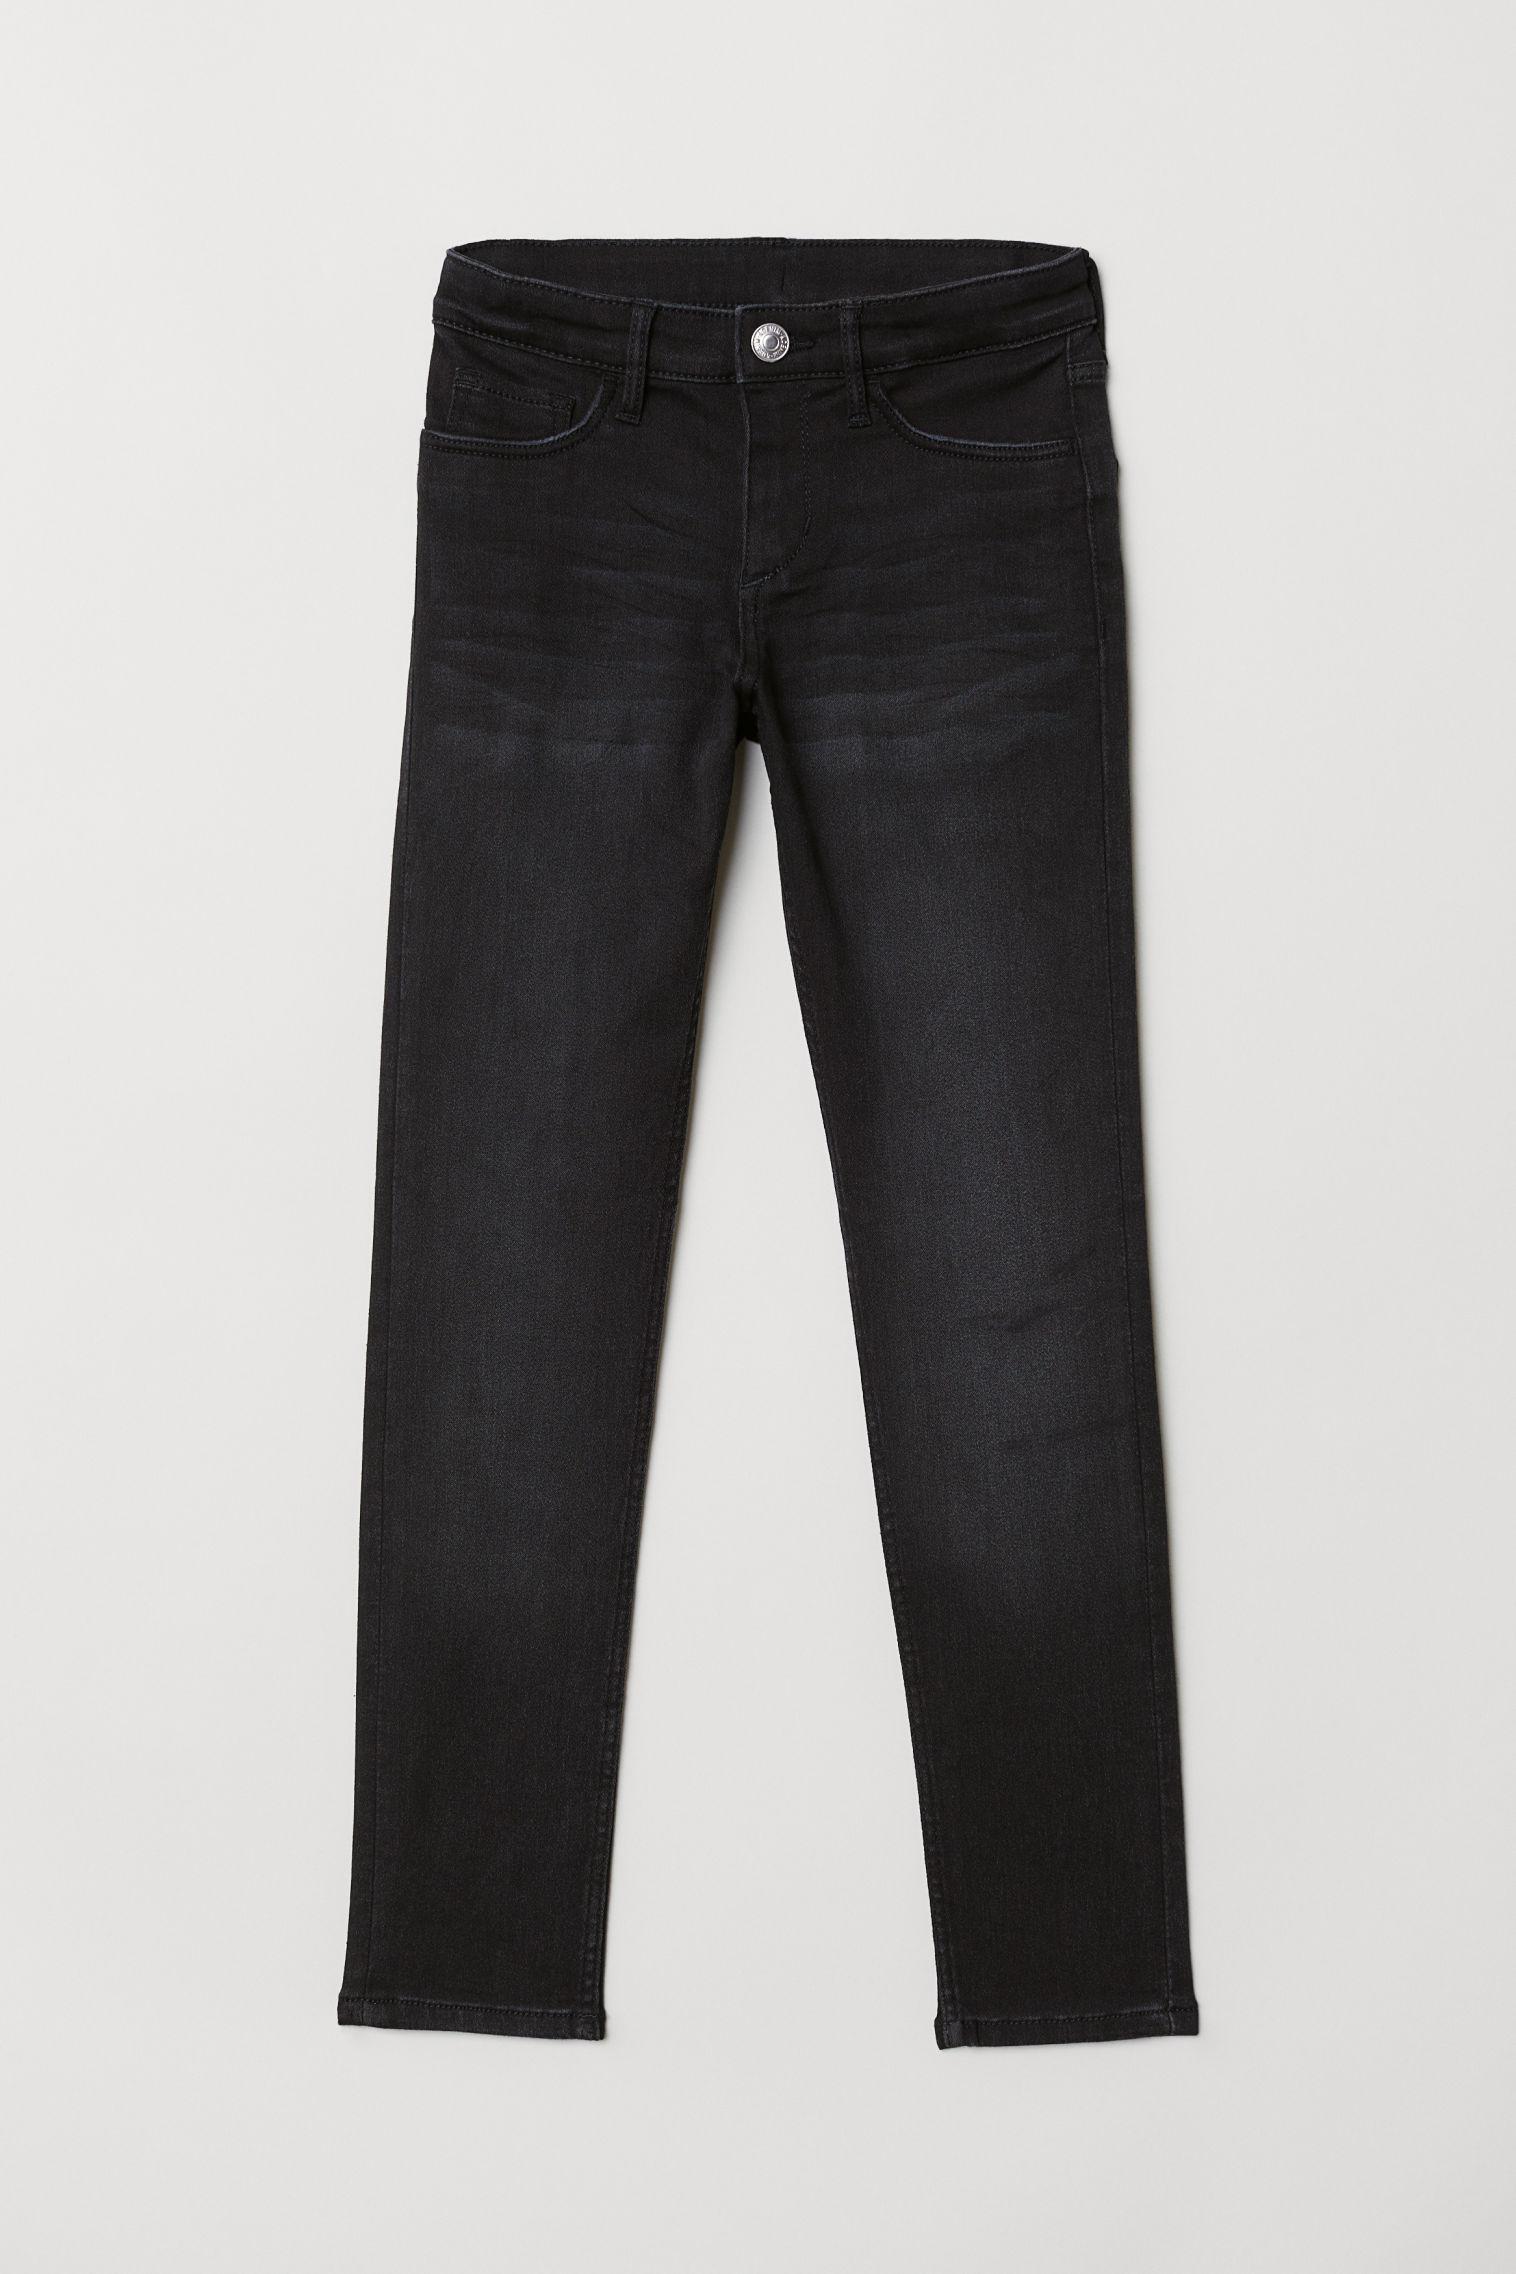 6c577af2e47 Superstretch Skinny Fit Jeans ...